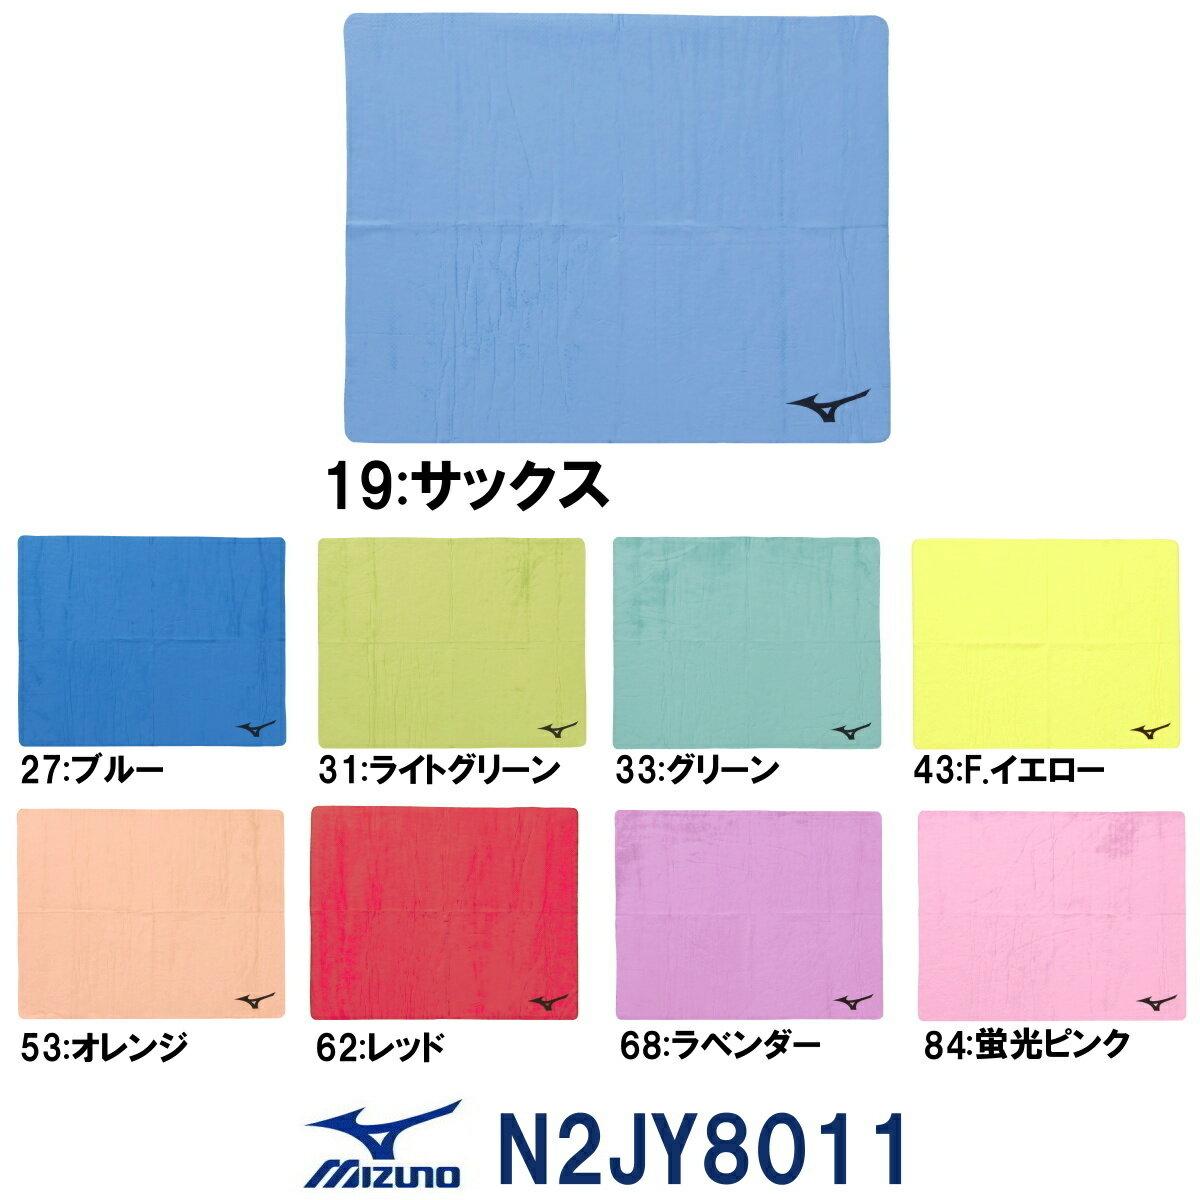 ミズノ MIZUNO 水泳 セームタオル スイムタオル (小さいサイズ) スイミング 水泳用小物 N2JY8011